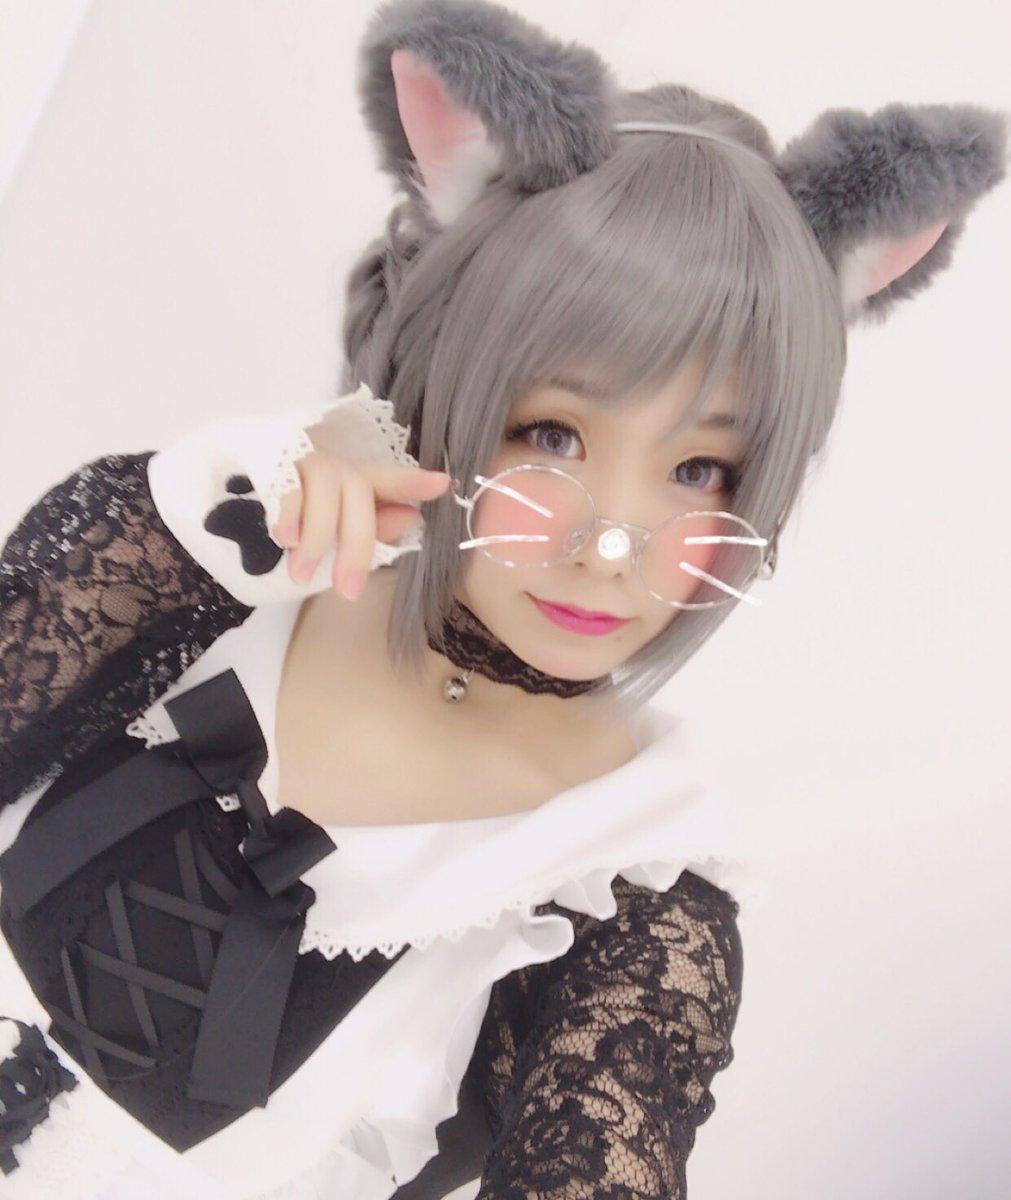 """「にゃにゃにゃーん」人気コスプレイヤー・くろねこ、""""猫の日ショット""""に魅せるネココスが最強!"""